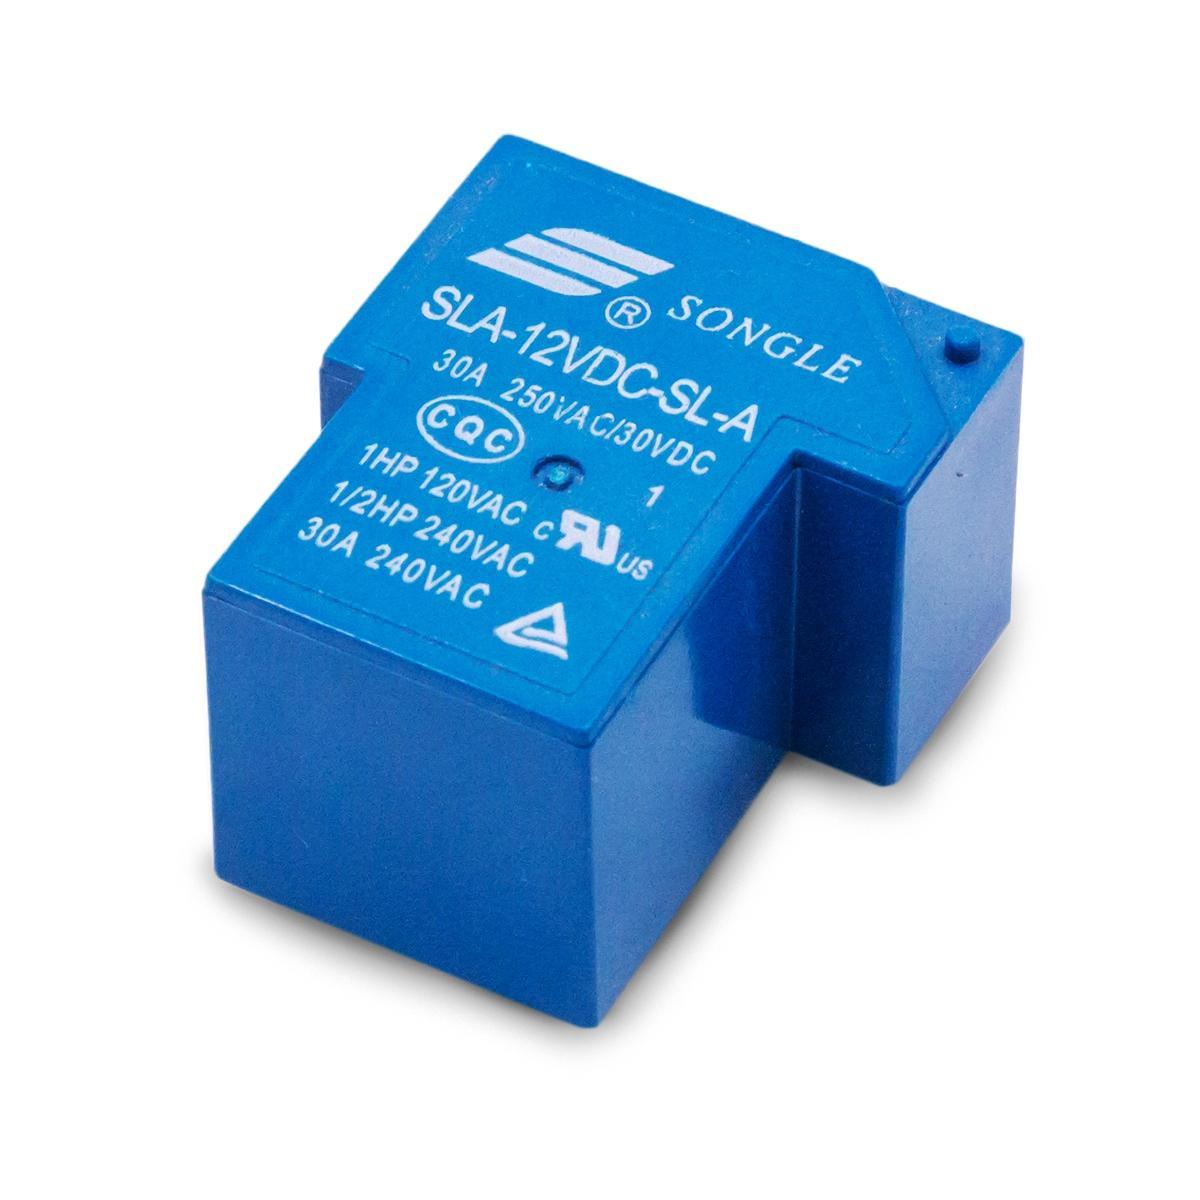 Relé Songle SLA-12VDC-SL-A | 30A - 250VSC/30VDC